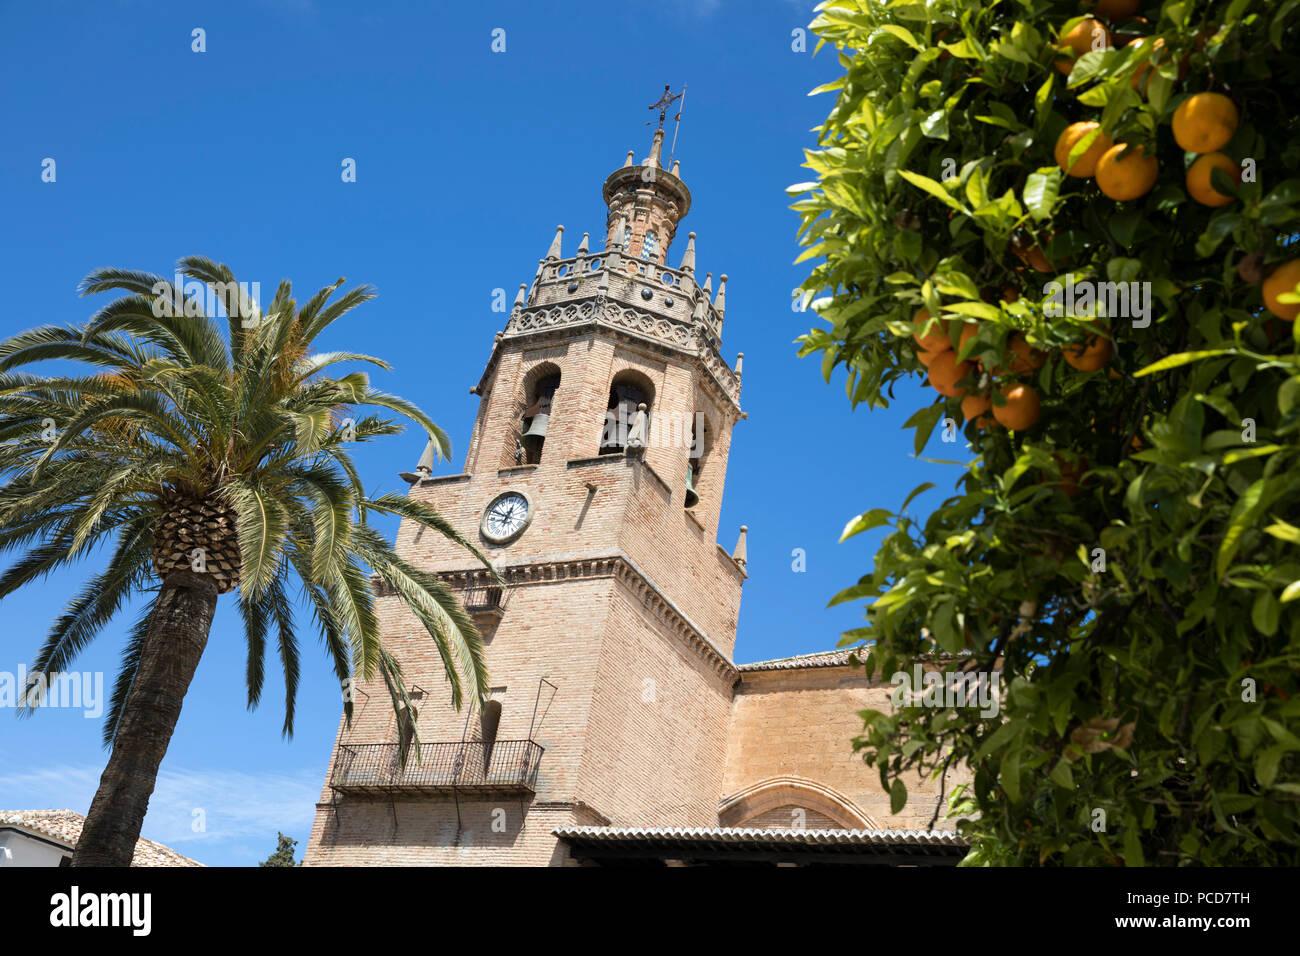 Palmier et tour de l'Eglise de Santa Maria la Mayor, Ronda, Andalousie, Espagne, Europe Photo Stock